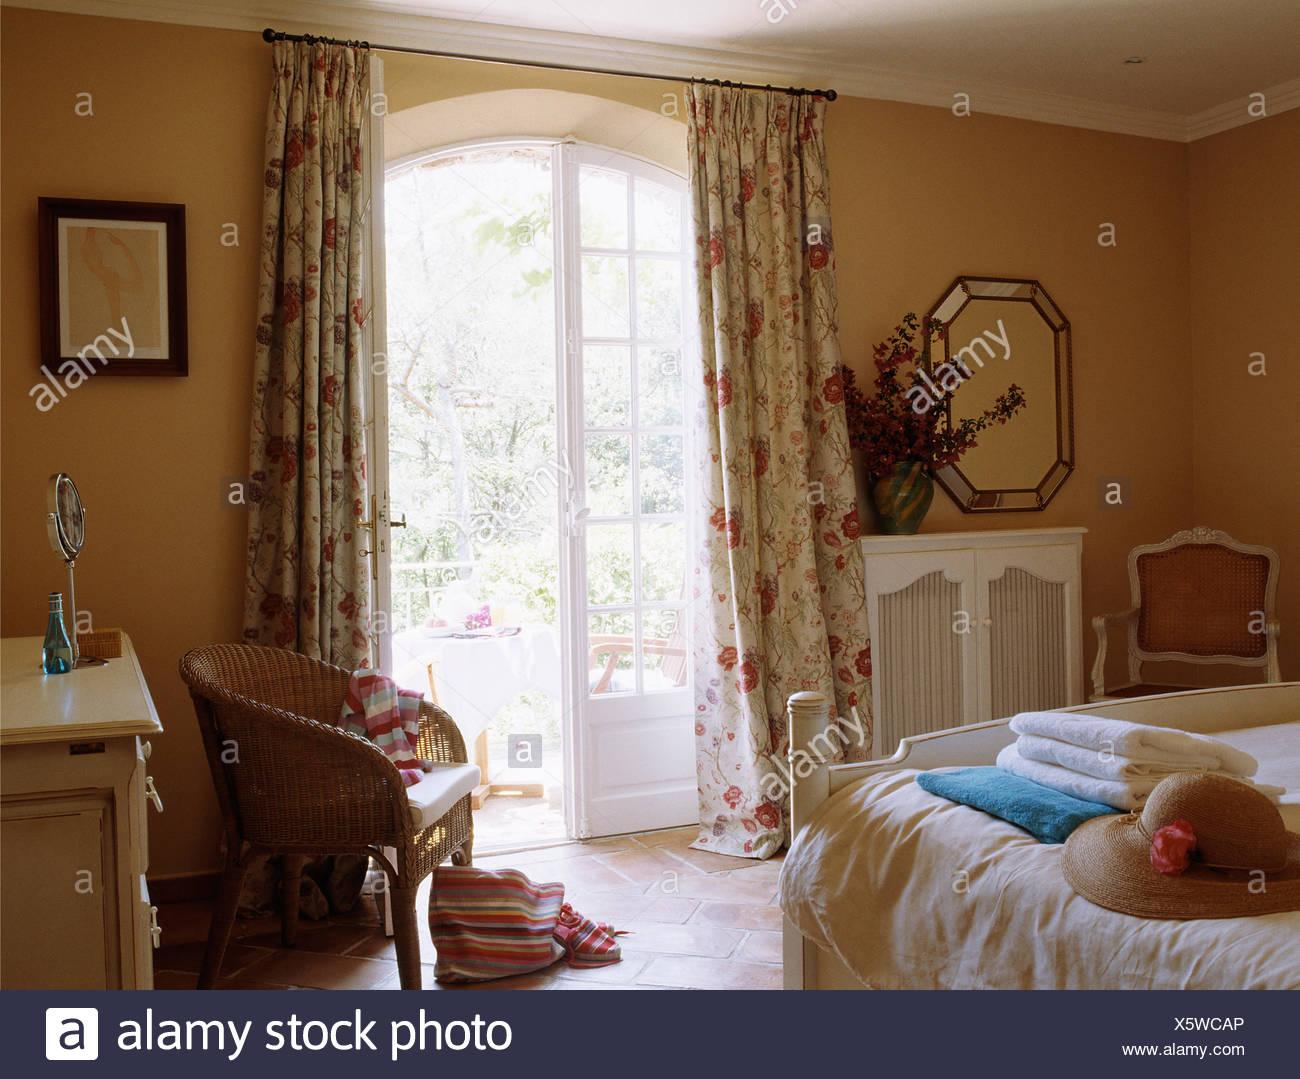 Floral Gardinen An Franzosischen Fenster In Franzosischer Landhaus Schlafzimmer Stockfotografie Alamy